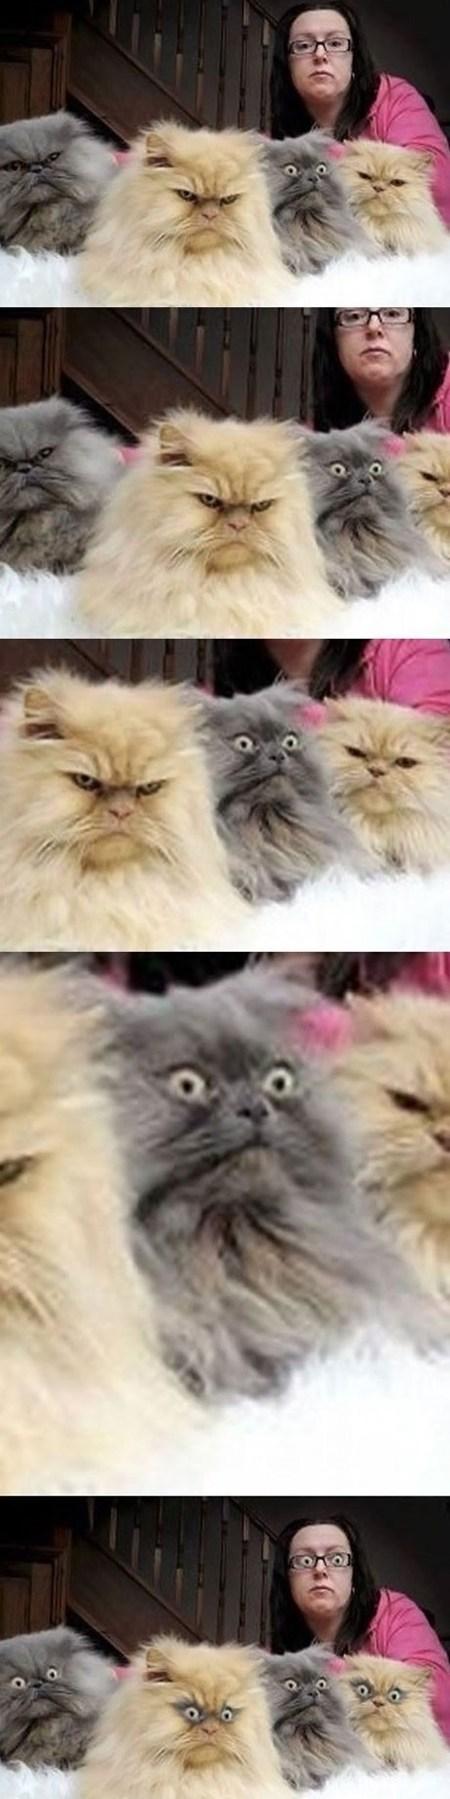 Surprise Cat